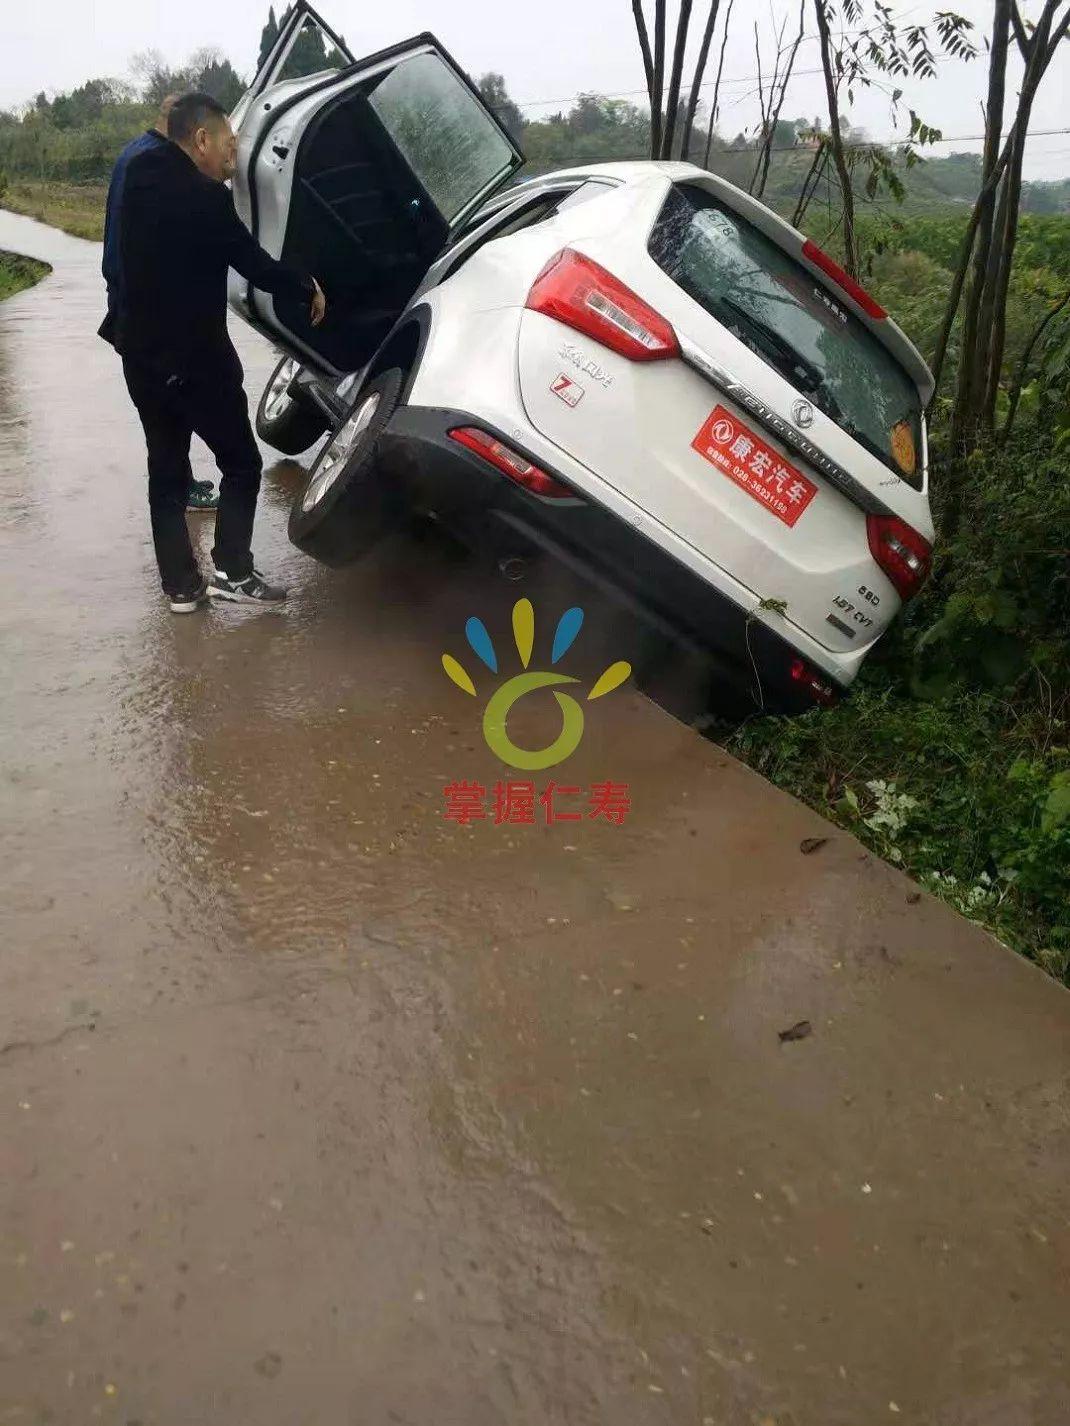 乡间小路请小心行驶,宝马一辆新车错车时不慎开出路面。